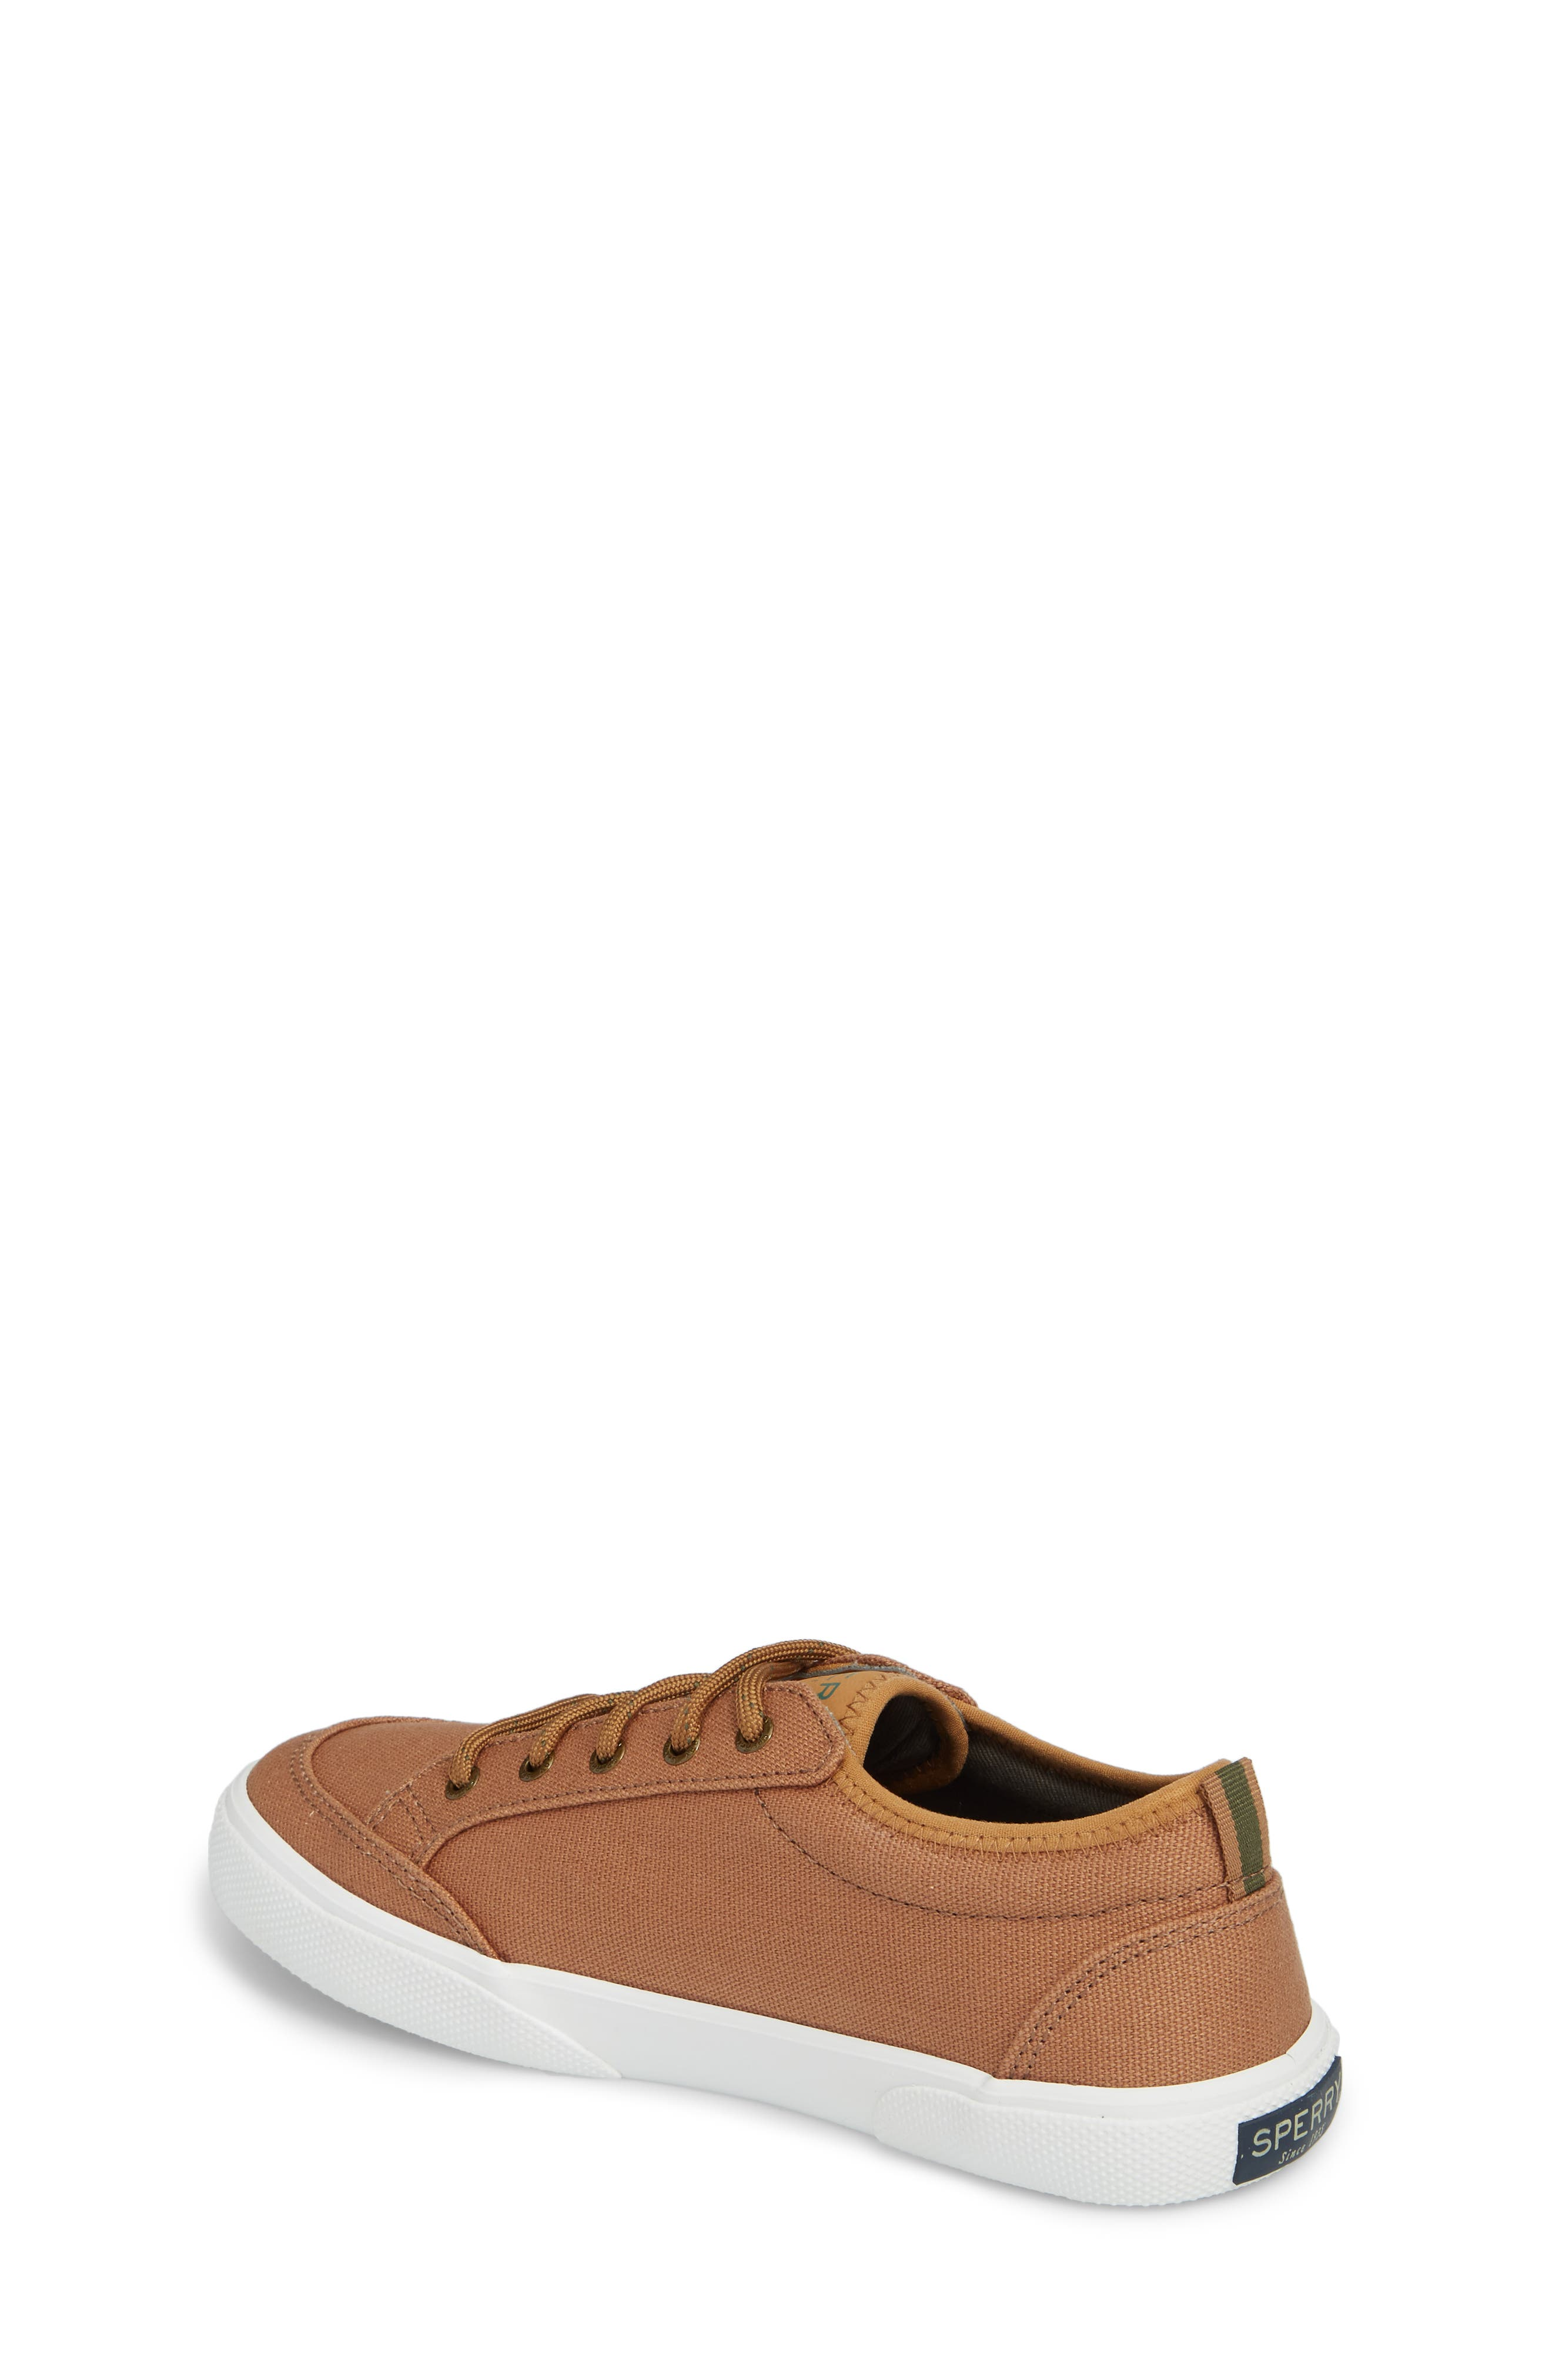 Sperry Deckfin Sneaker,                             Alternate thumbnail 2, color,                             Caramel